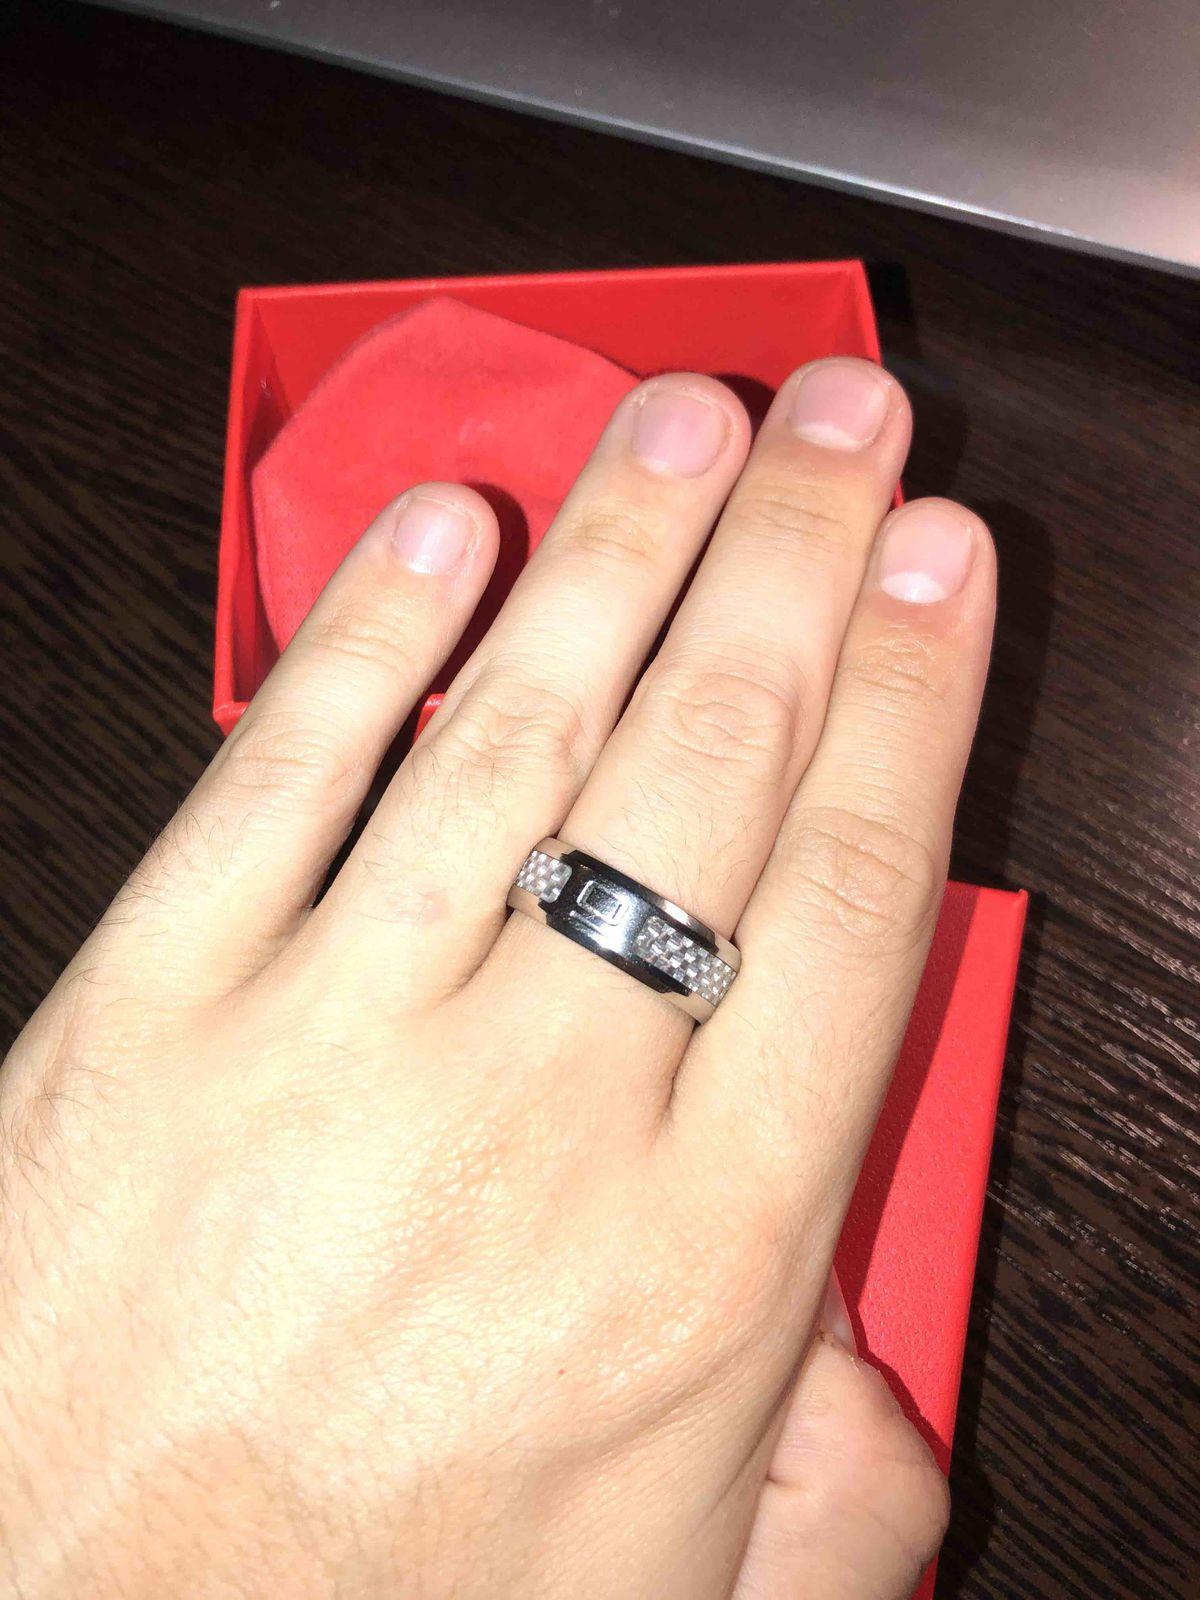 Нереально крутое кольцо!😇